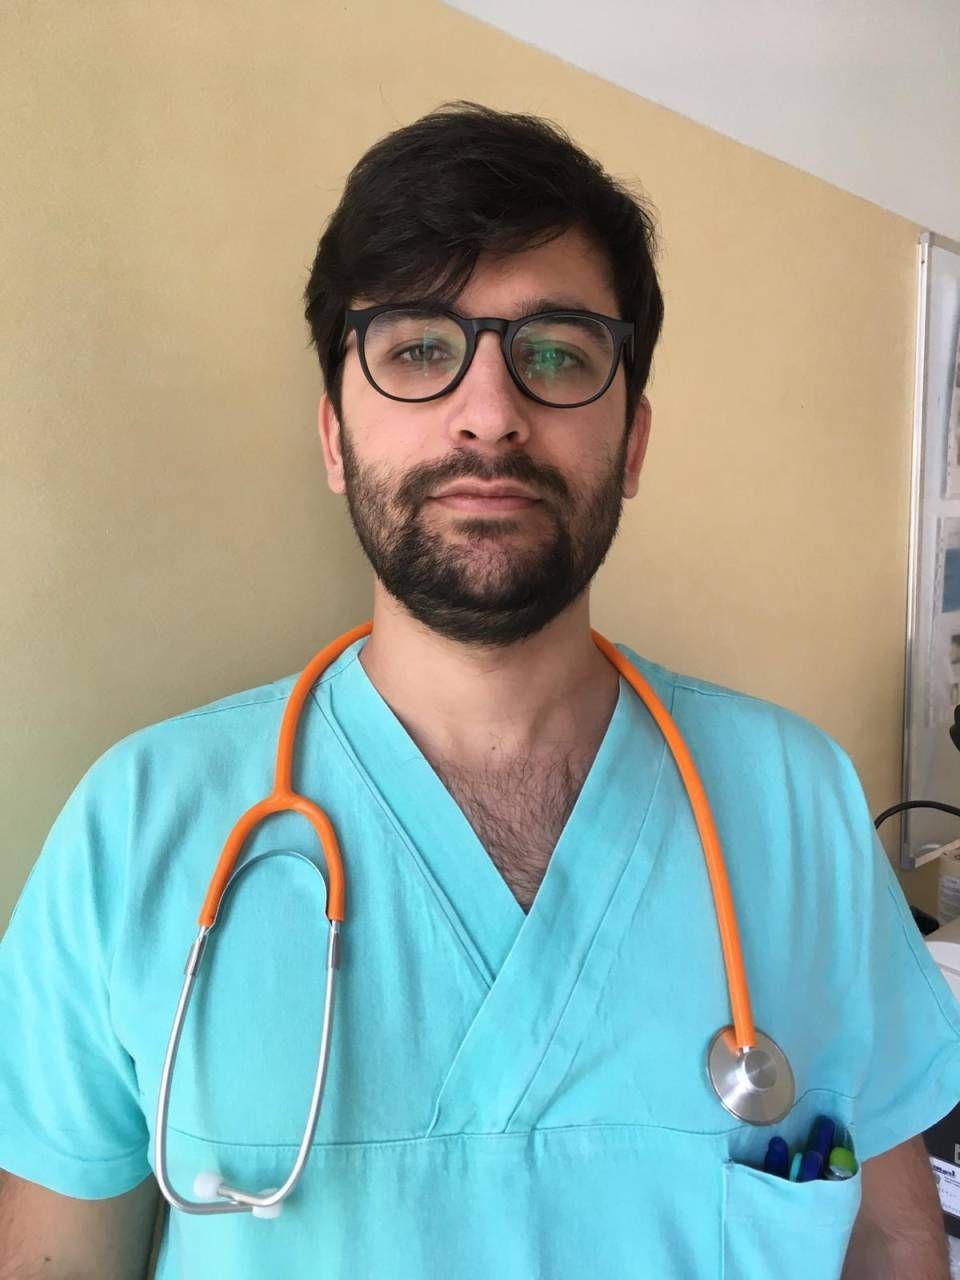 Hamilton Dollaku, albanese di 27 anni, fa l'infermiere al Don Gnocchi